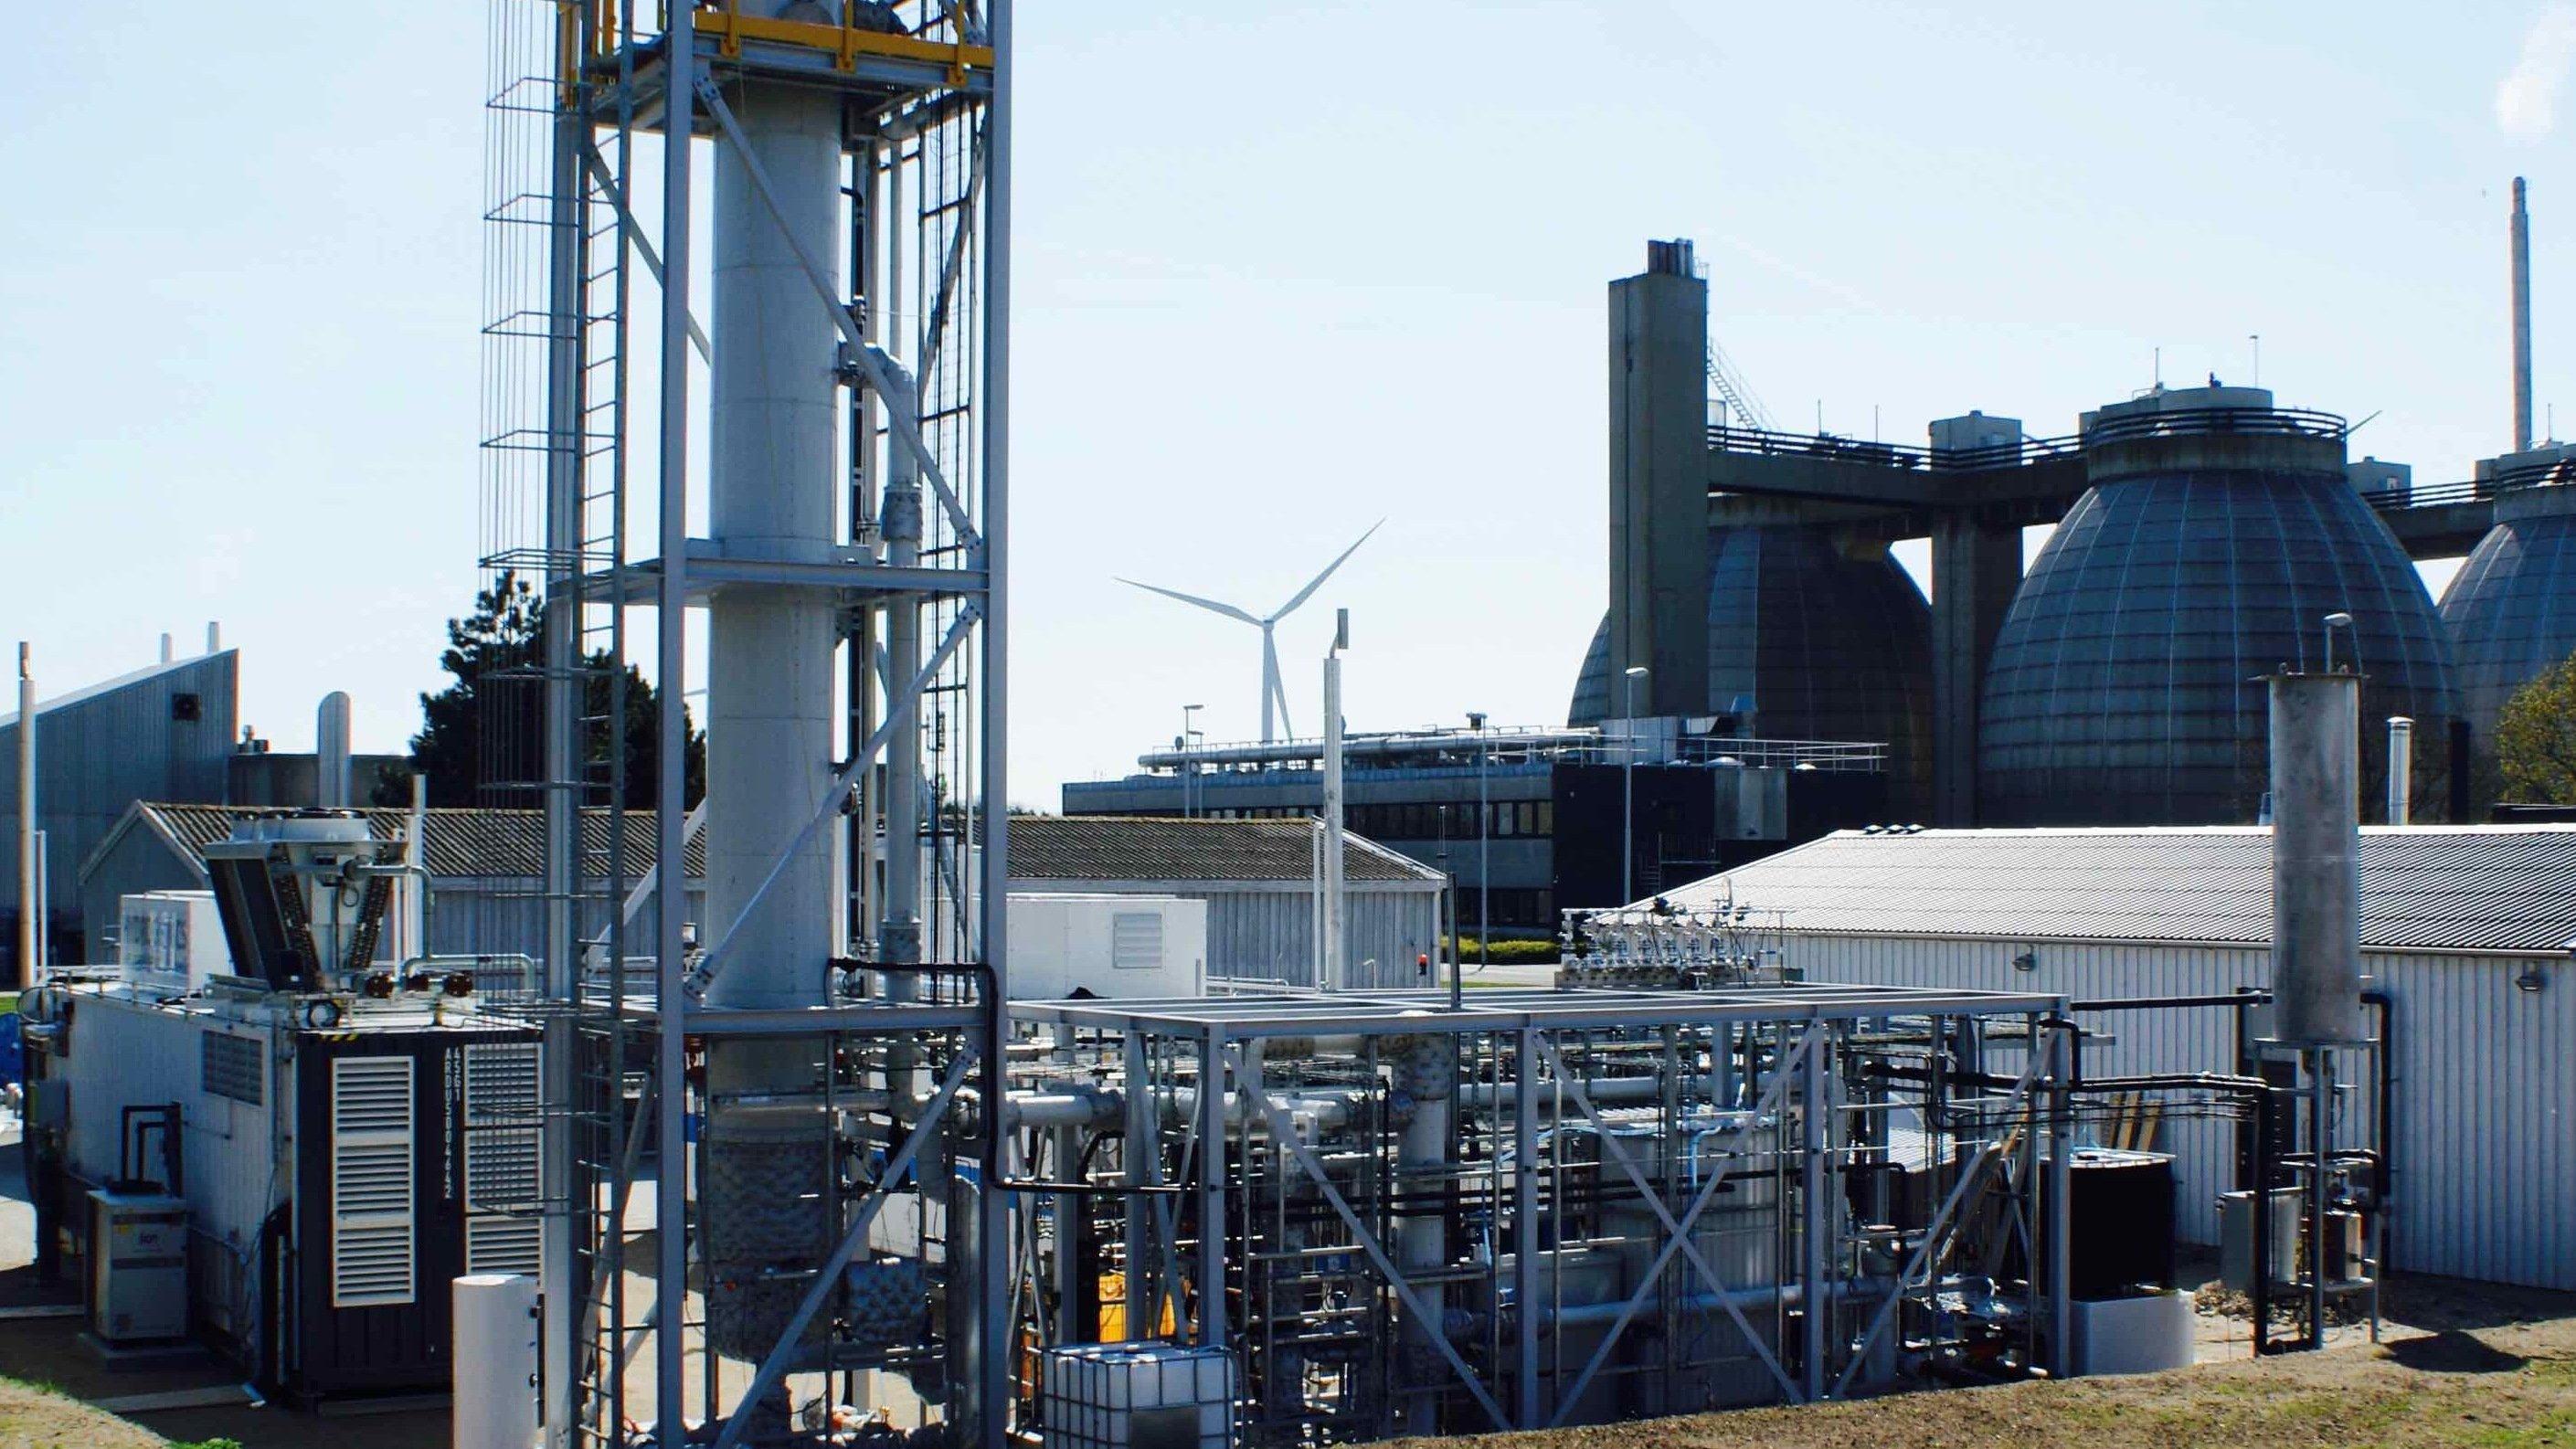 Im dänischen Avedørehat Electrochaeabereits eine kleinere Anlage gebaut und gezeigt, dass die Technik funktioniert.